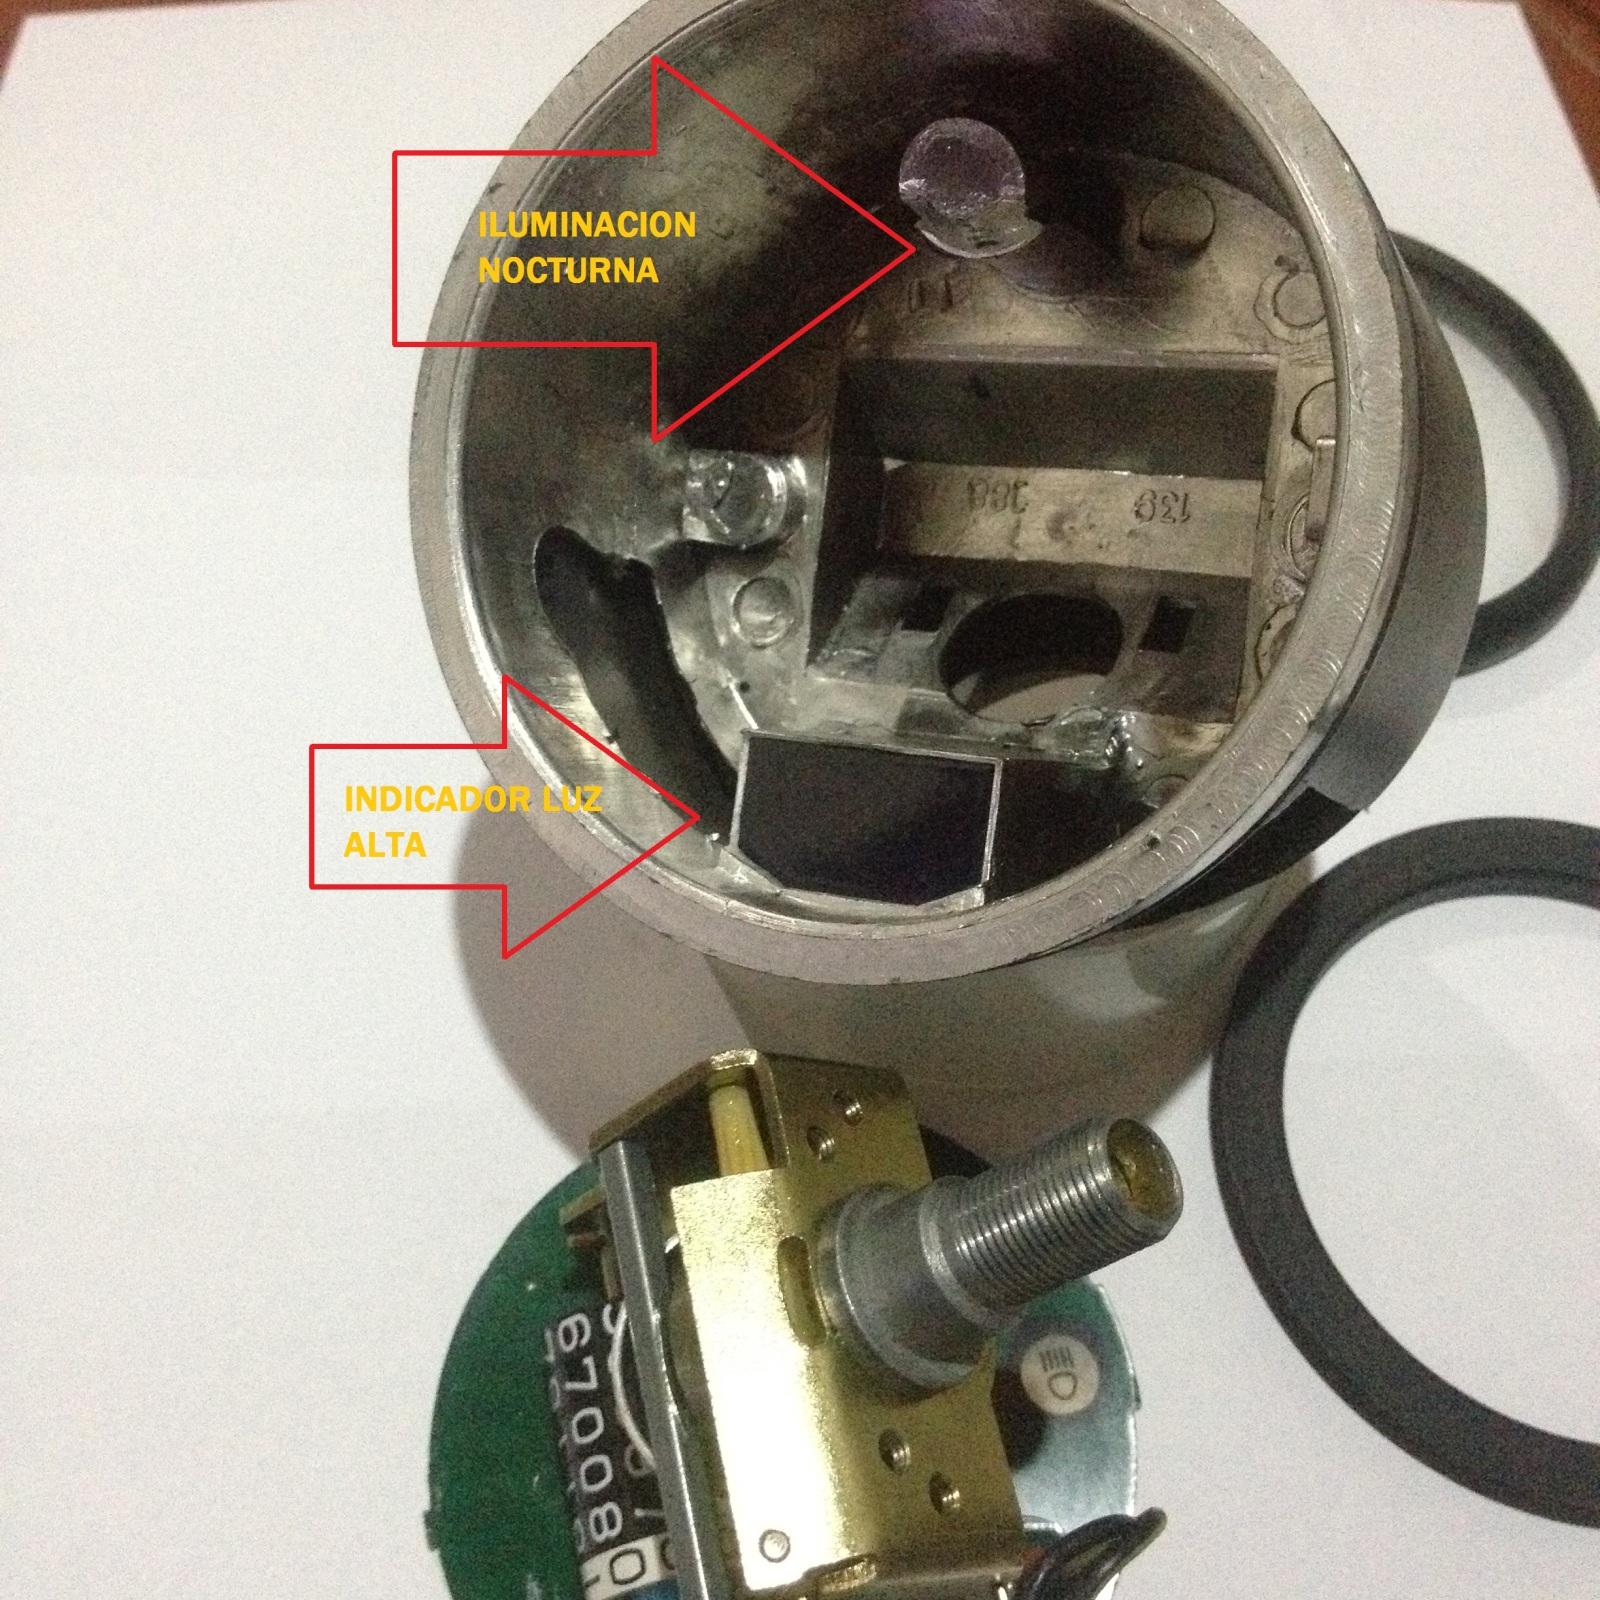 Conoce tu odometro y velocimetro, ademas de por que la luz del neutro no se ve en el dia. 10zbf6b